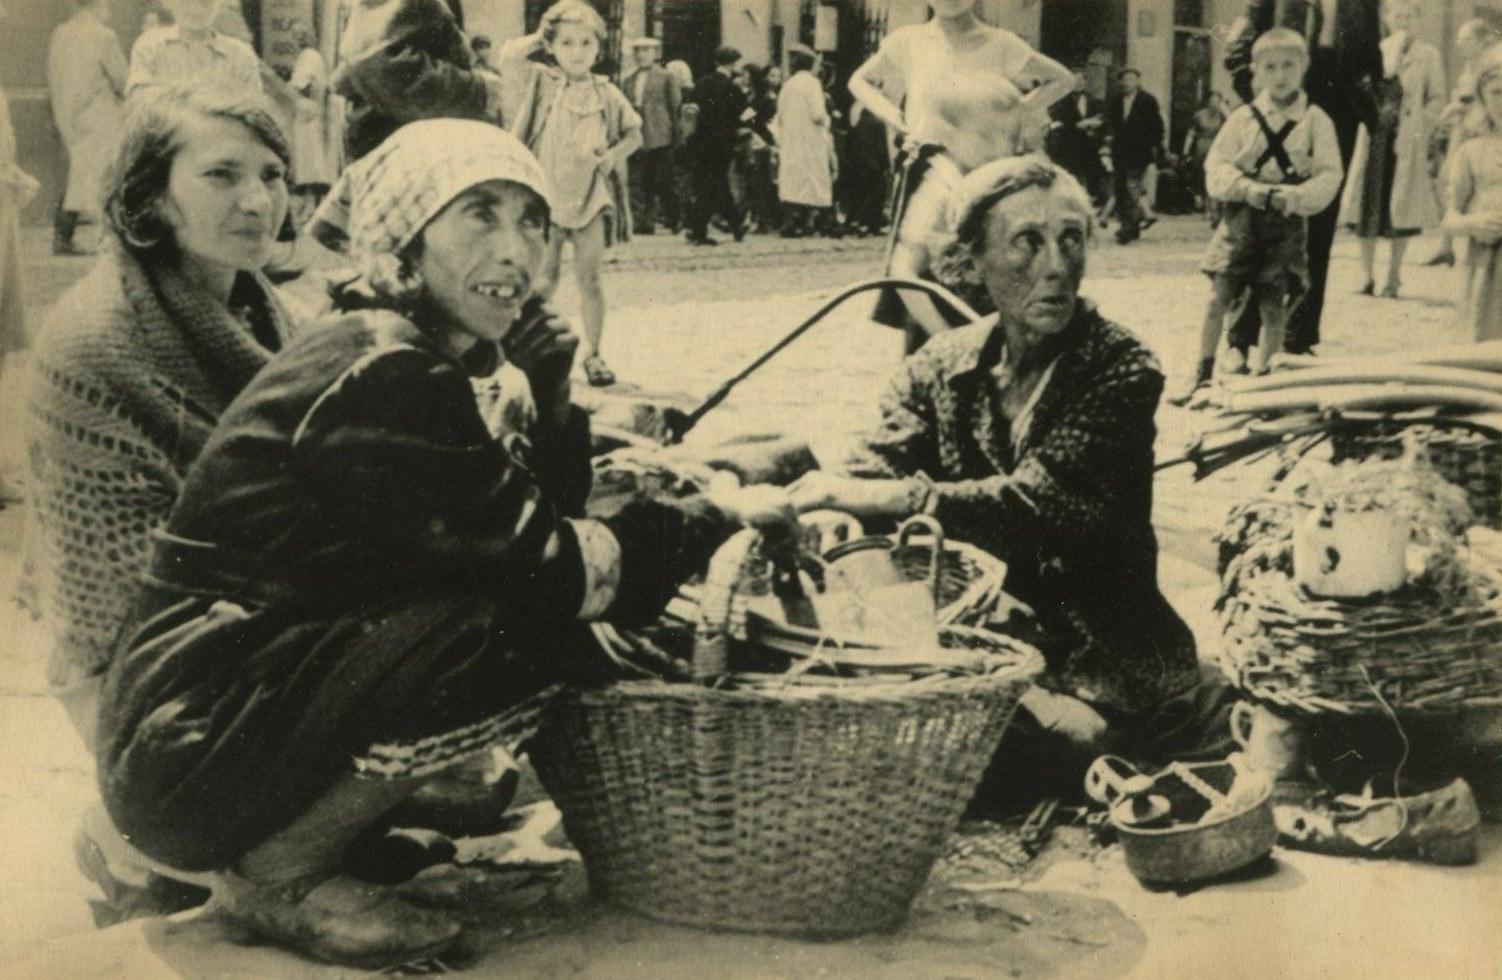 Ghetto di Varsavia - Venditori di strada, 1940